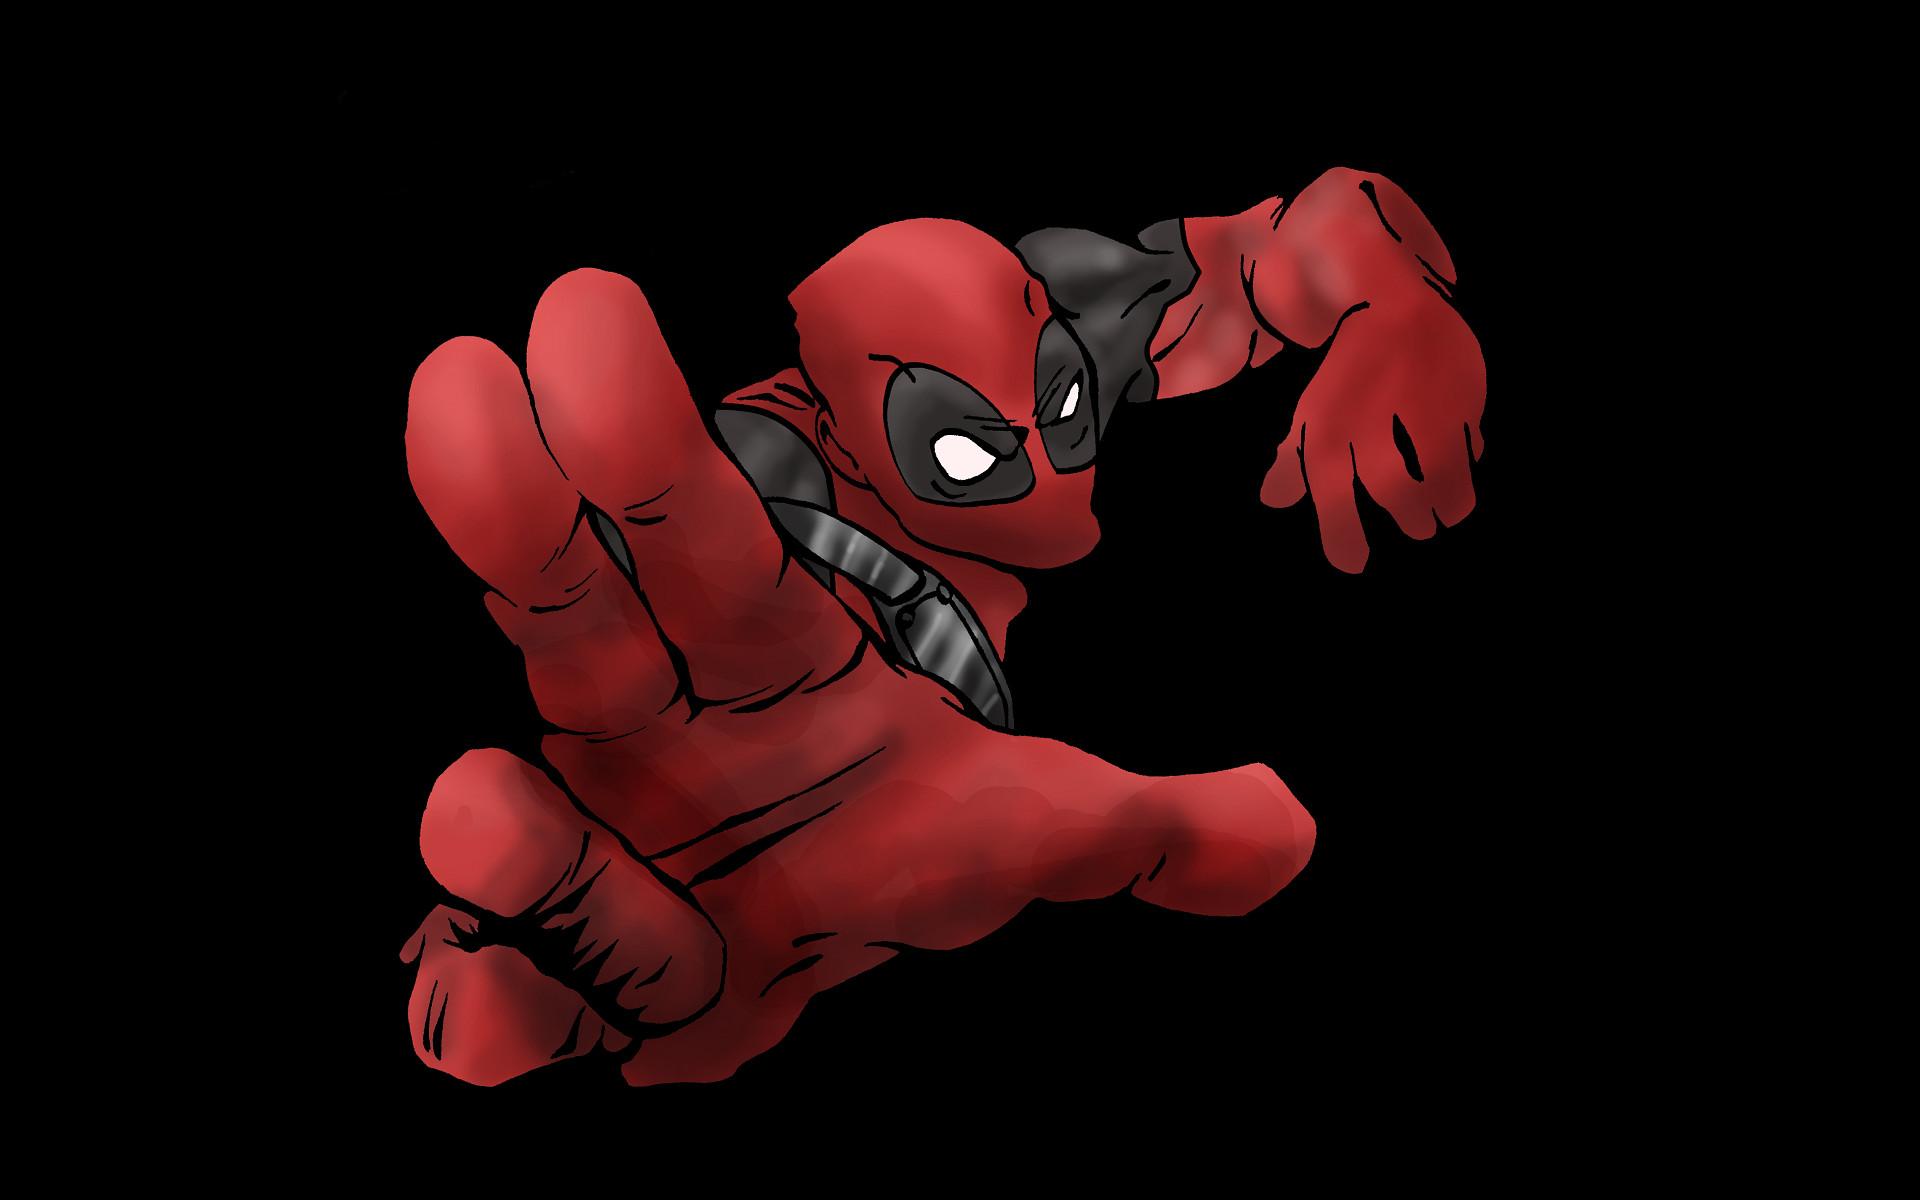 Deadpool-Wade-Wilson-Fresh-New-Hd-Wallpaper-by-